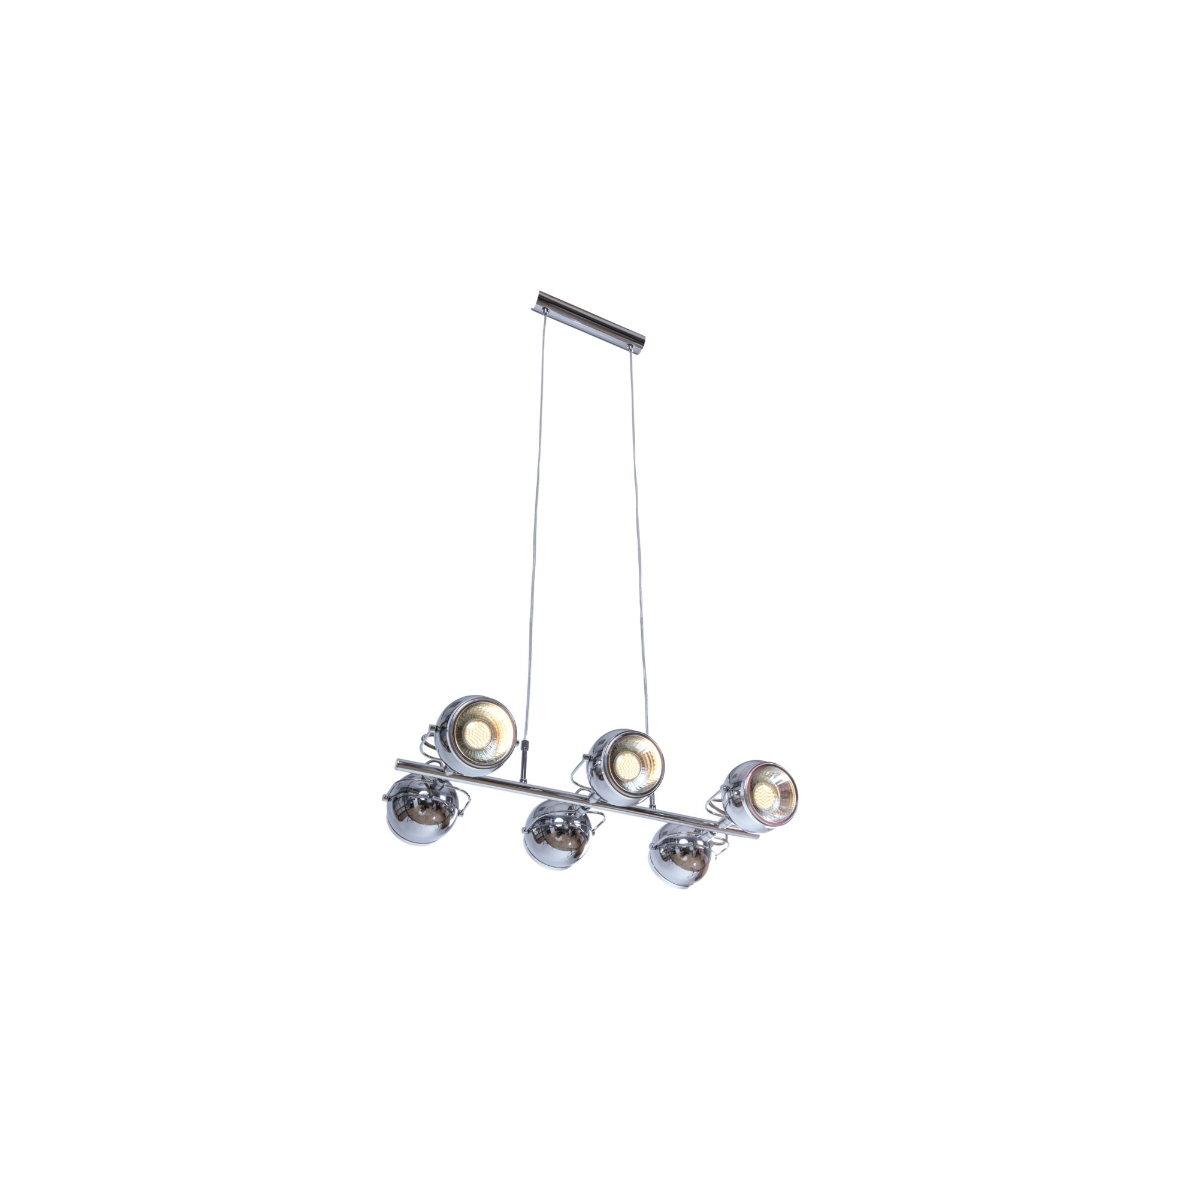 strahler gu10 spot leuchte lampe decke deckenleuchte tisch. Black Bedroom Furniture Sets. Home Design Ideas